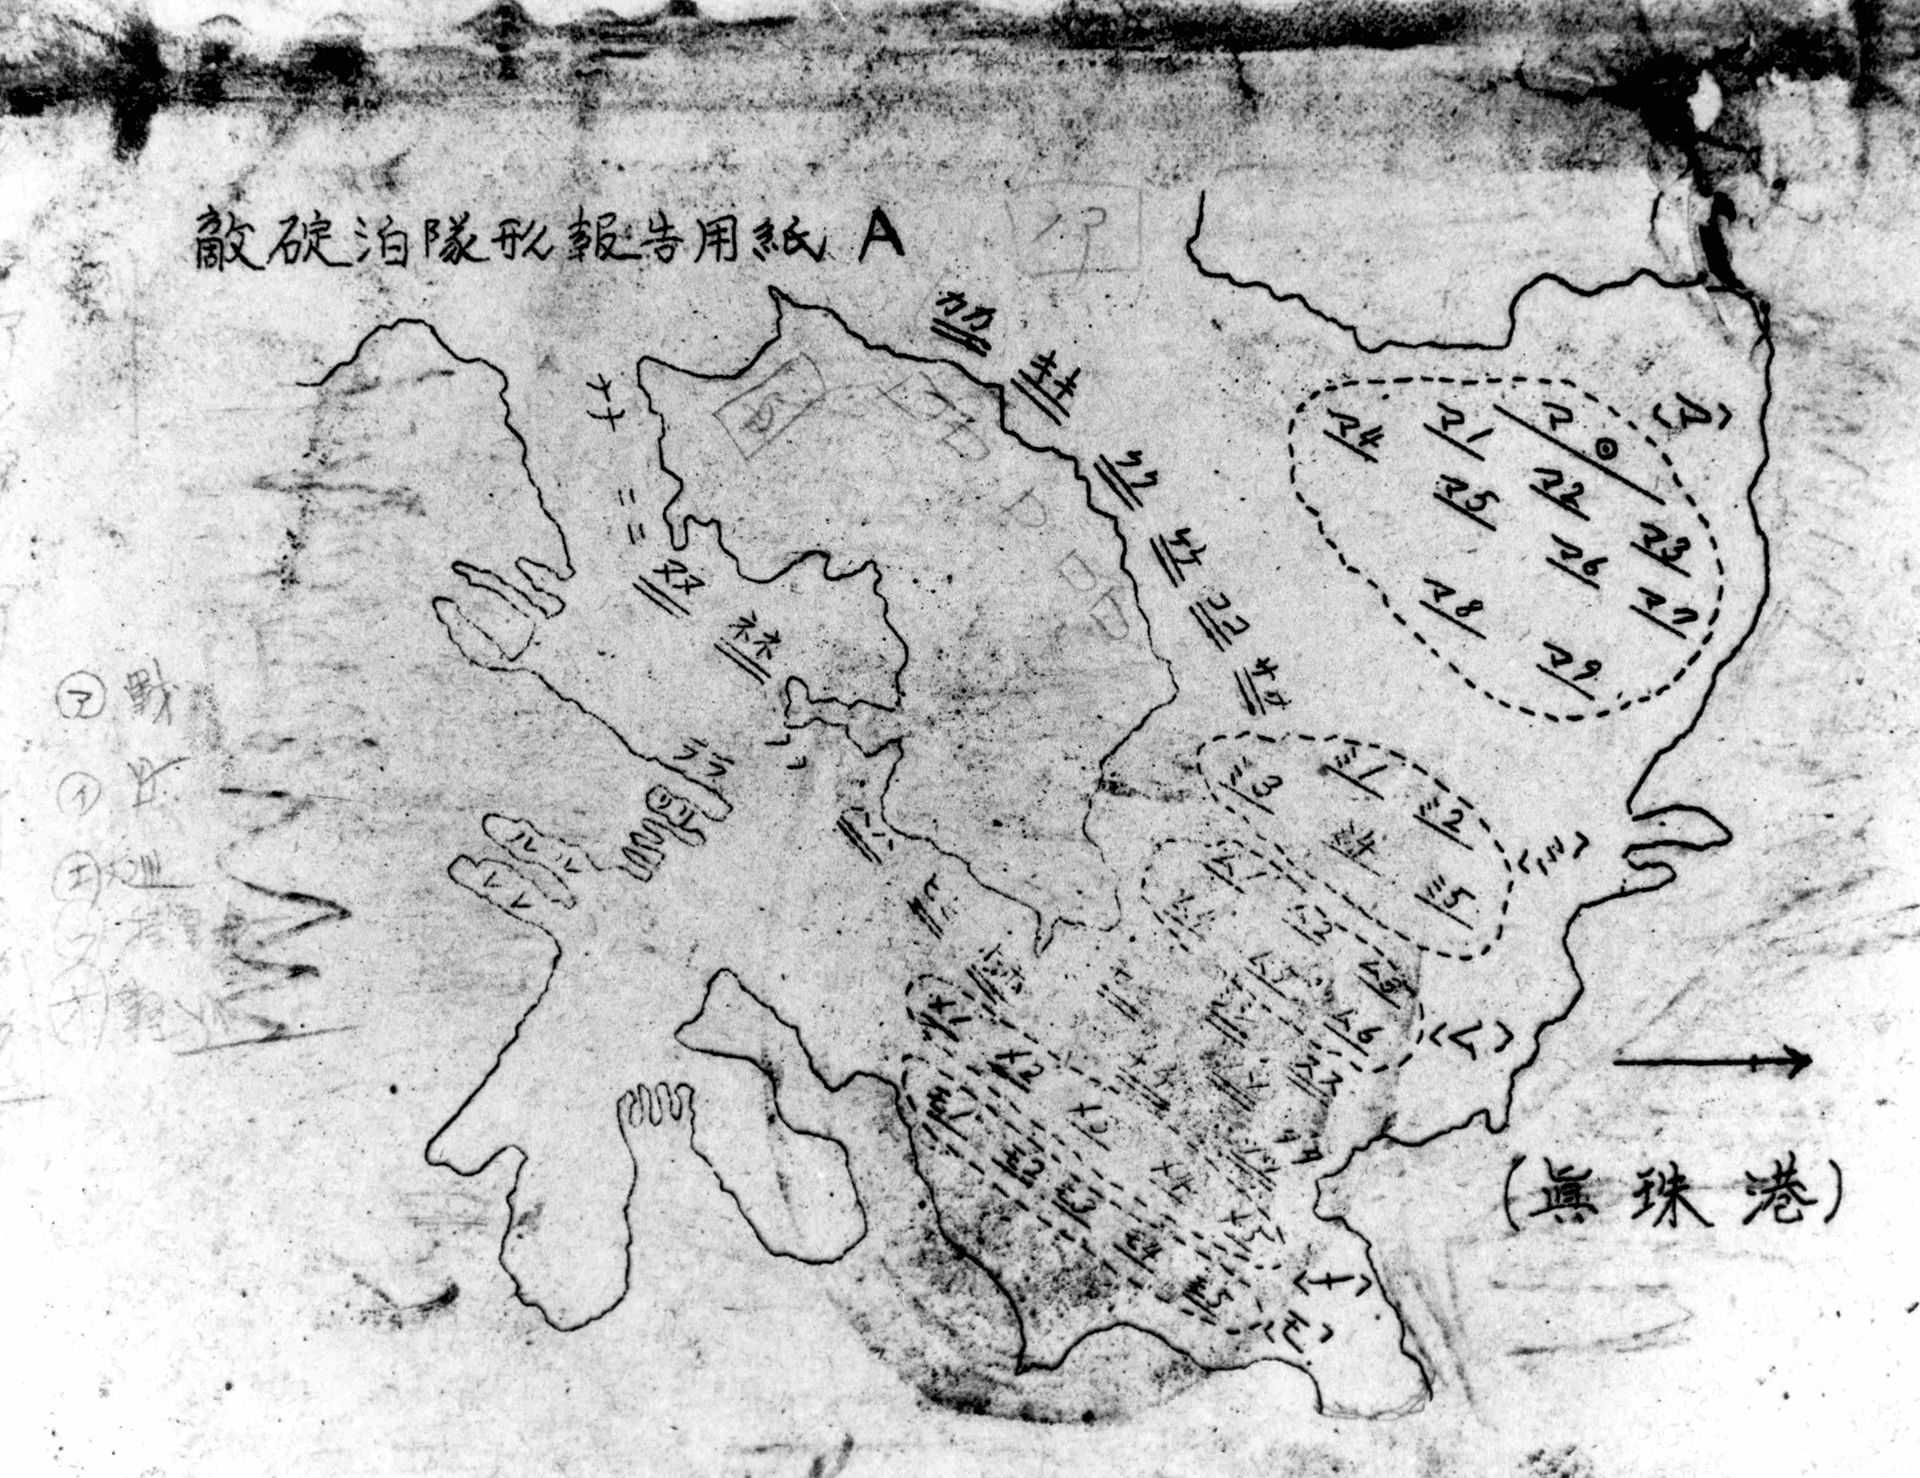 """Un mapa recuperado de un avión japonés donde se identifica (a la izquierda) un """"Informe sobre las posiciones de la flota enemiga en fondeadero"""""""